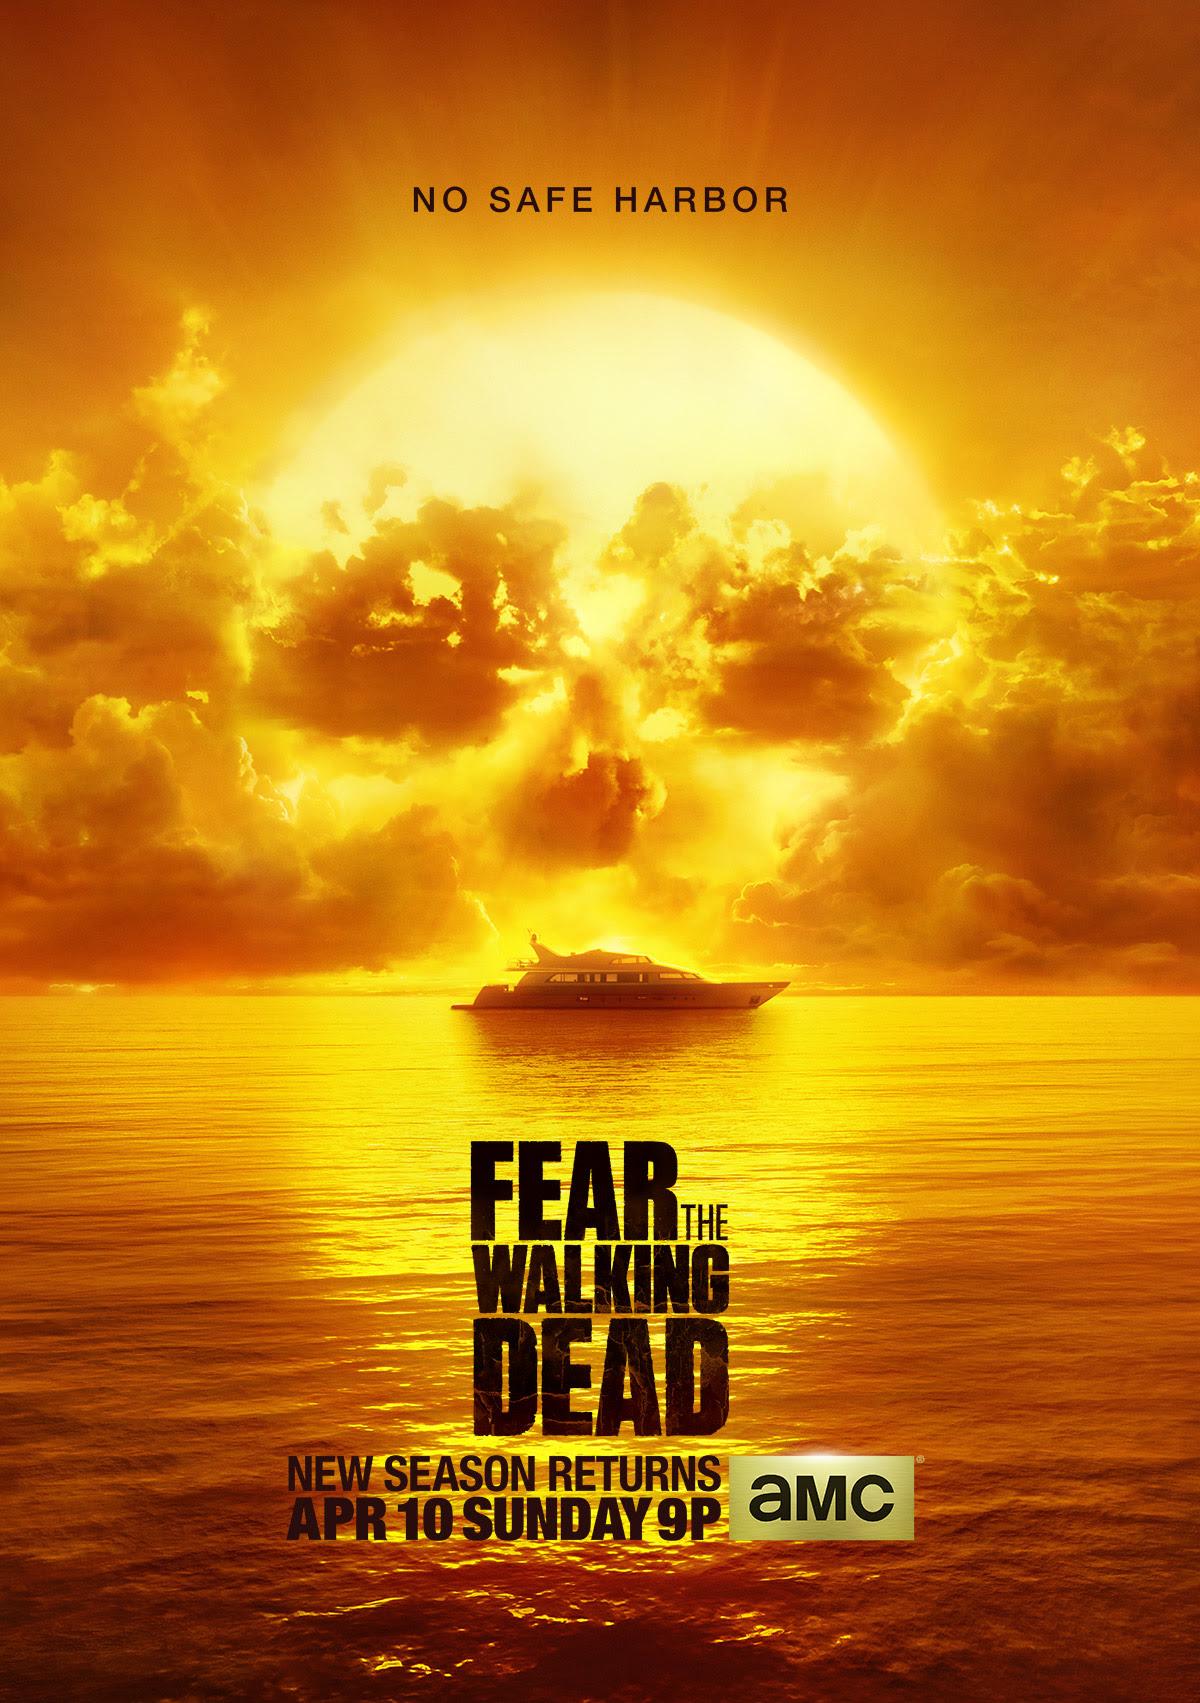 Resultado de imagem para Fear The Walking Dead season 2 posters